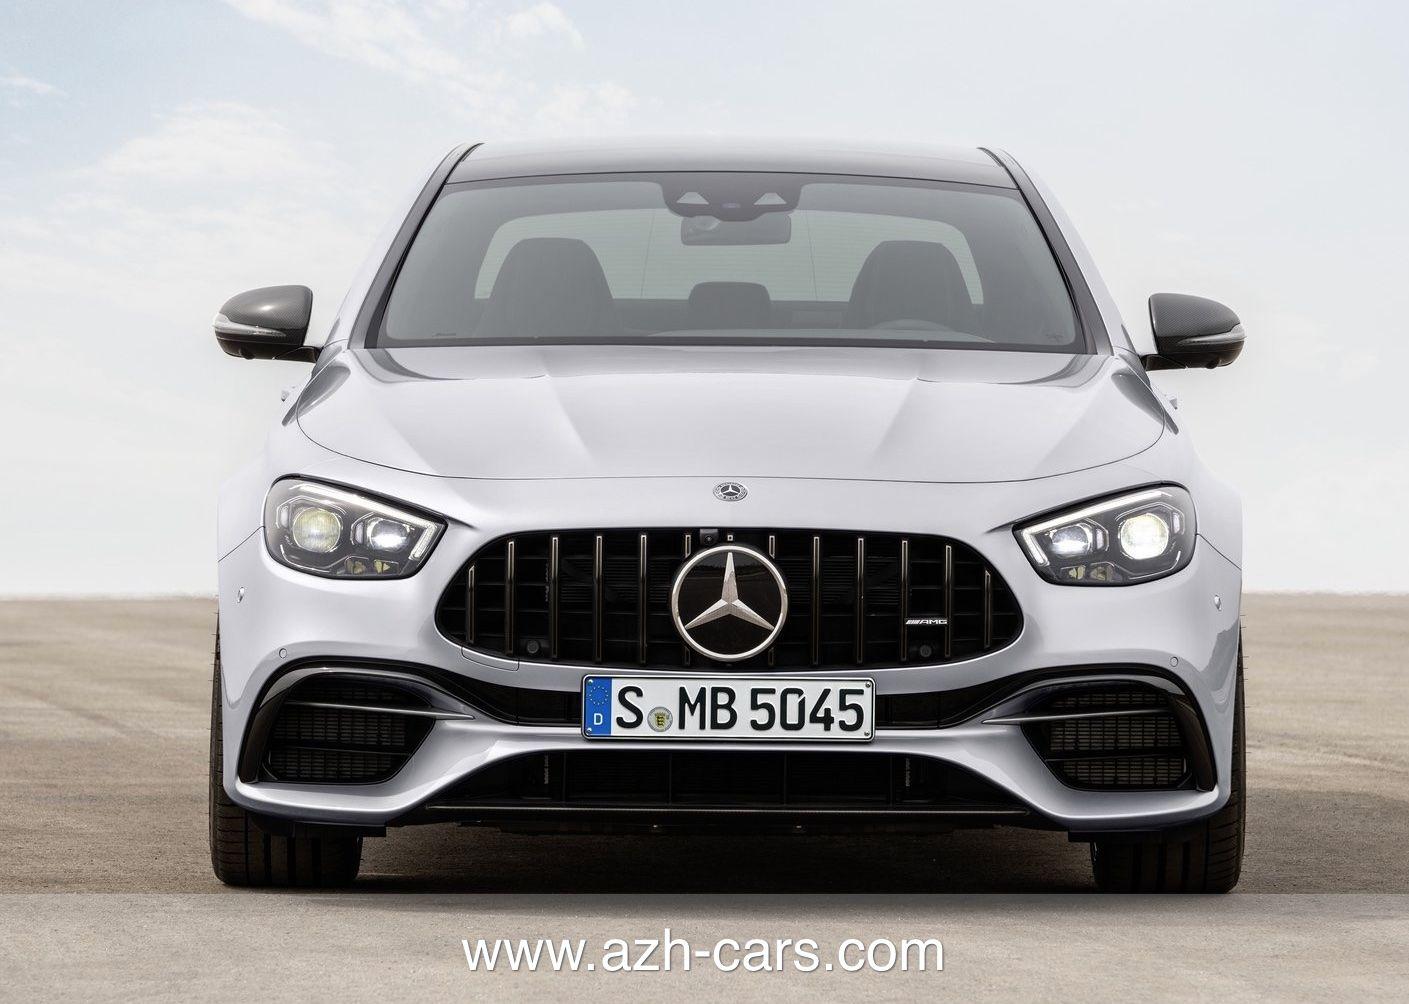 MercedesBenz GLE63 S AMG 2021 in 2020 Black mercedes